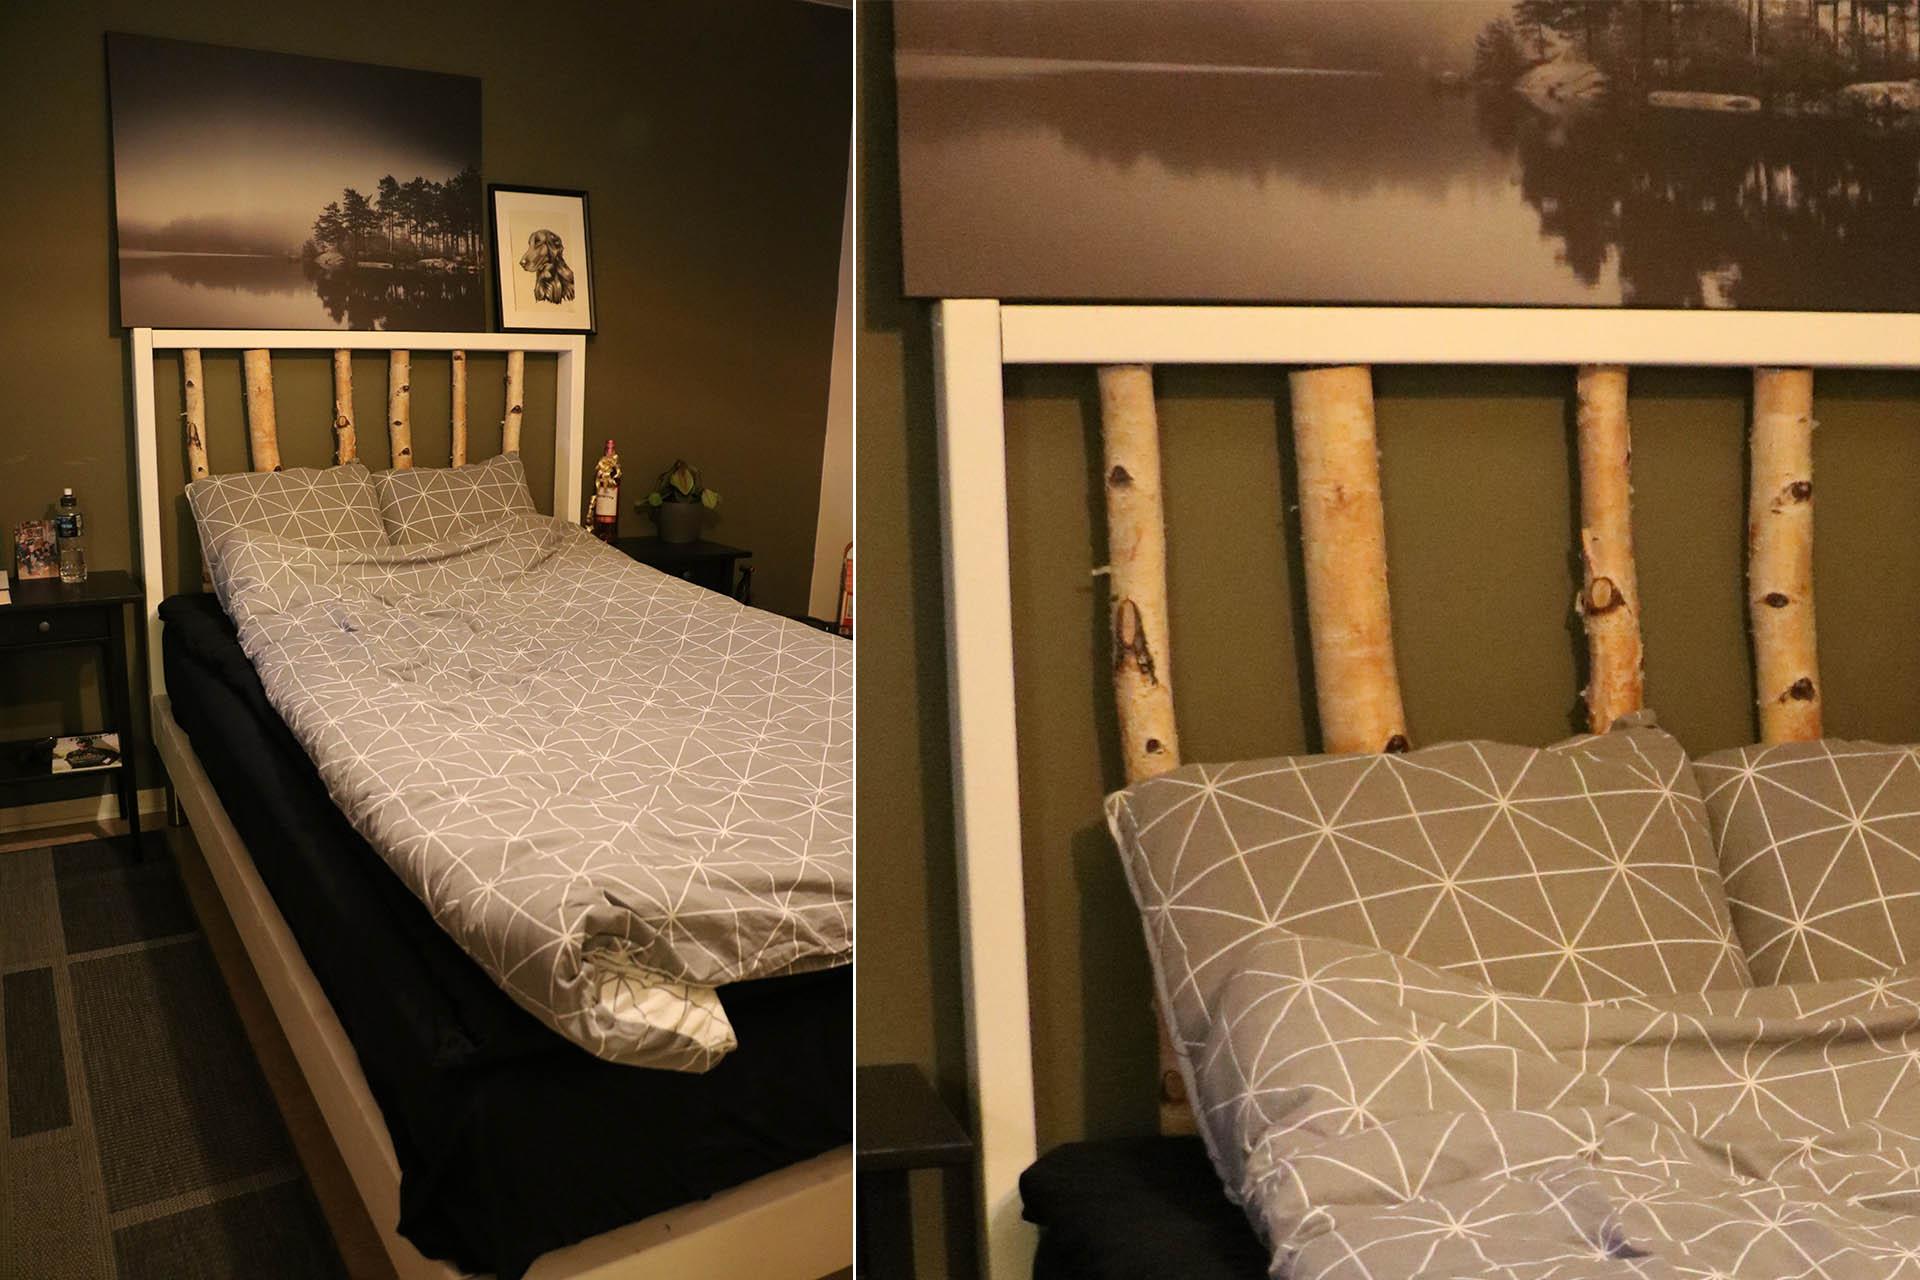 Filips säng är hemmasnickrad och har en stomme av björkstammar.